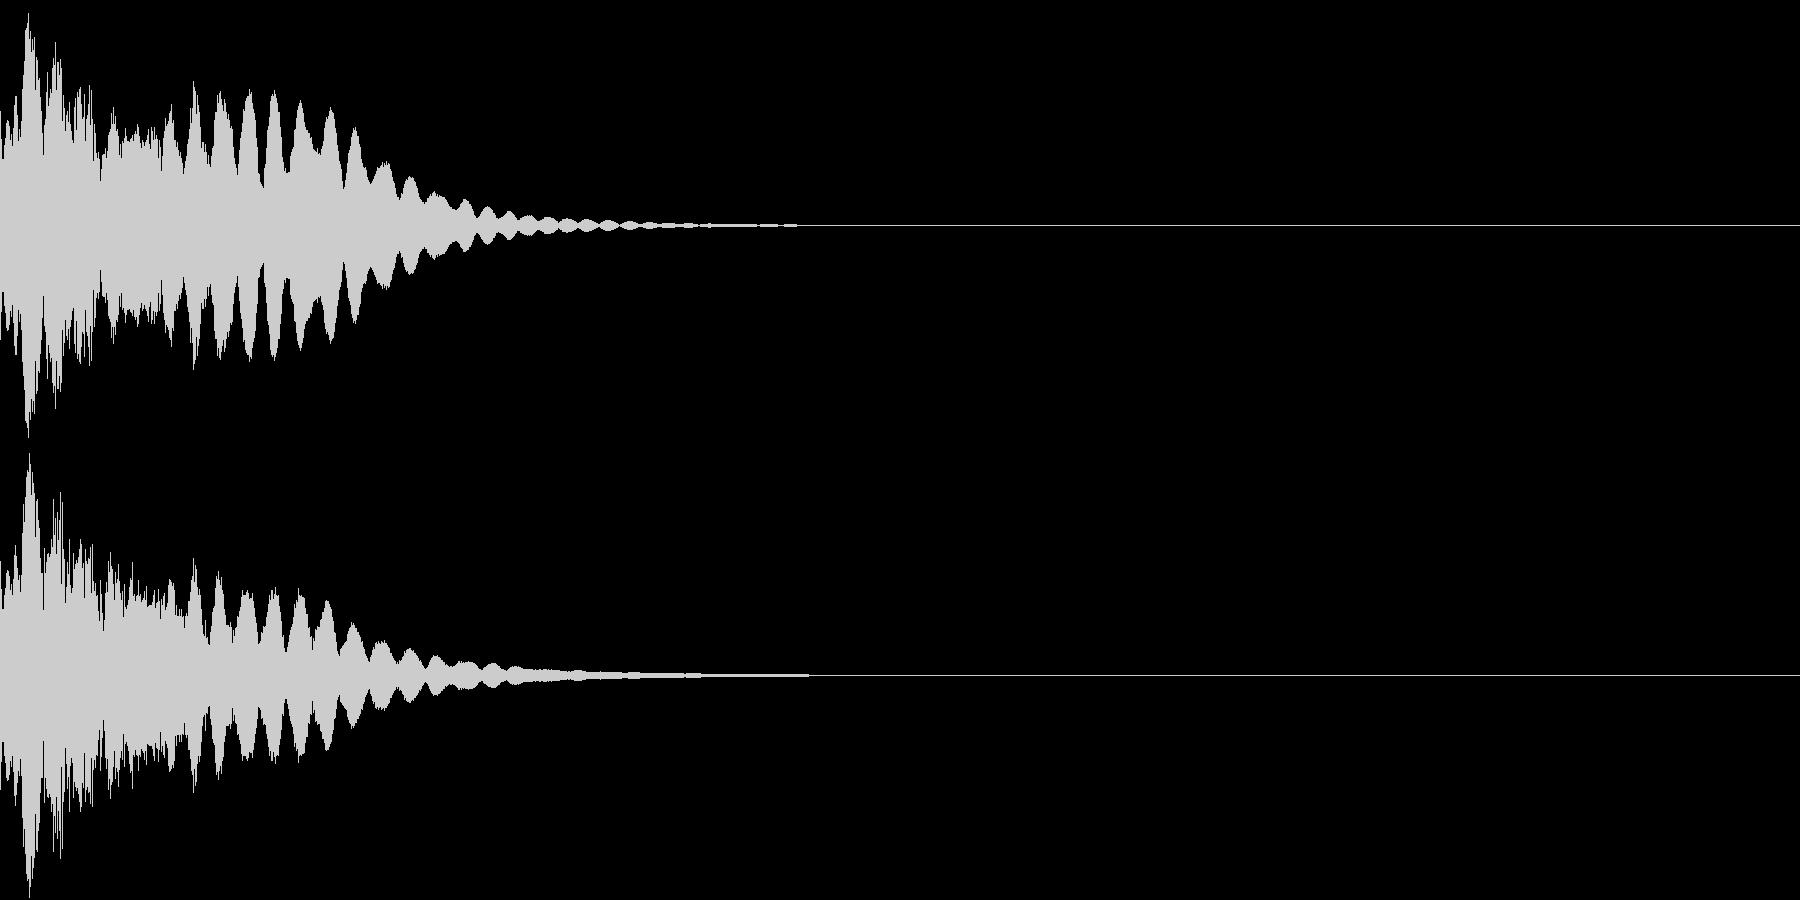 キュイン ボタン ピキーン キーン 26の未再生の波形